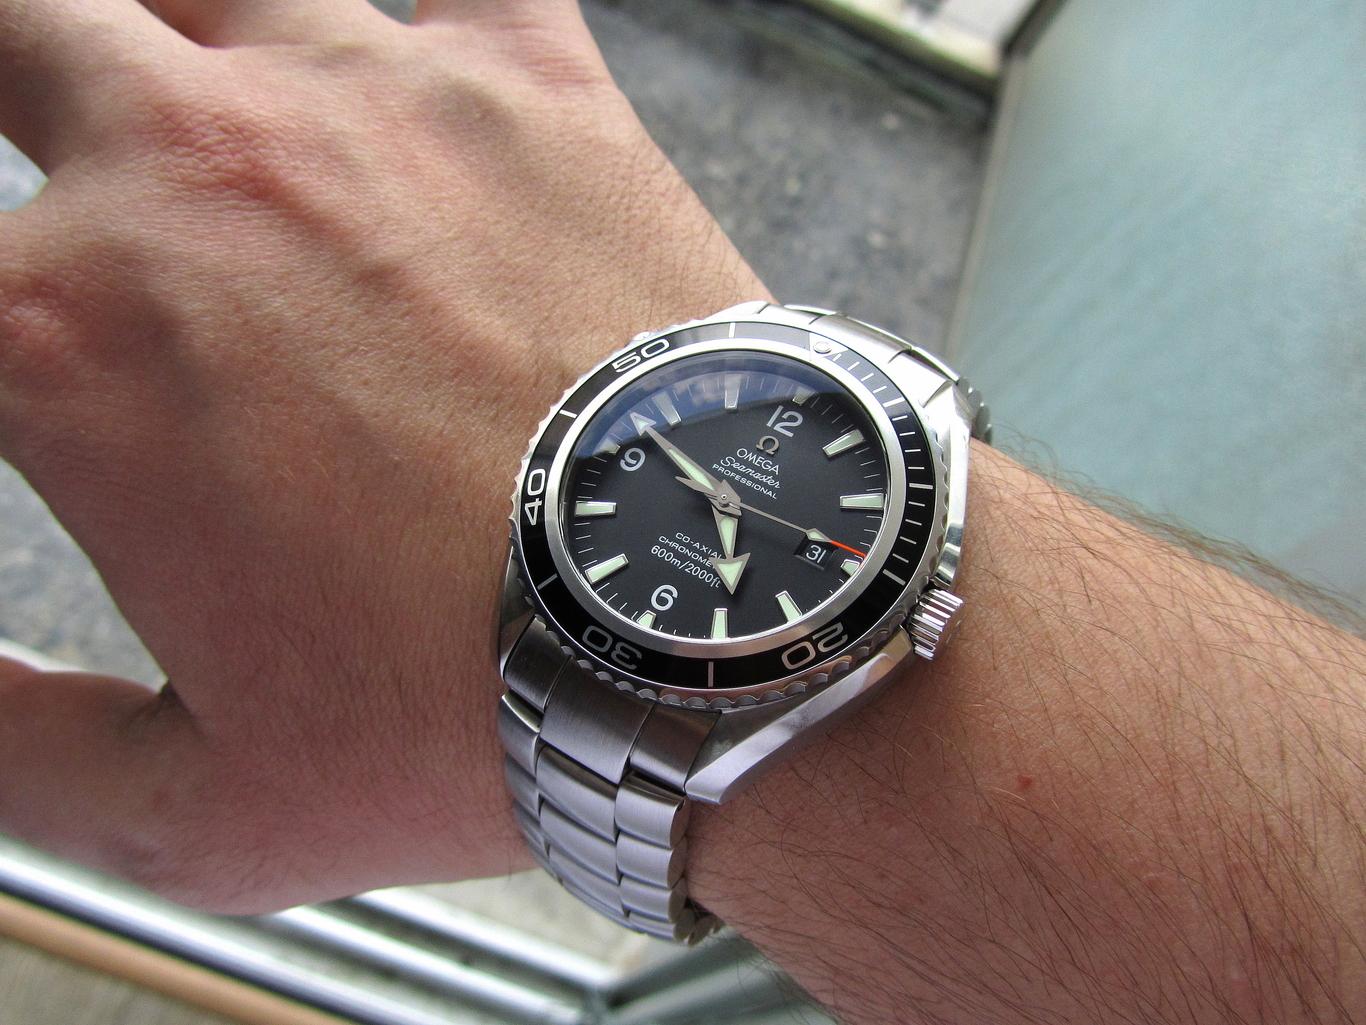 Ska berätta lite om min Omega-klocka